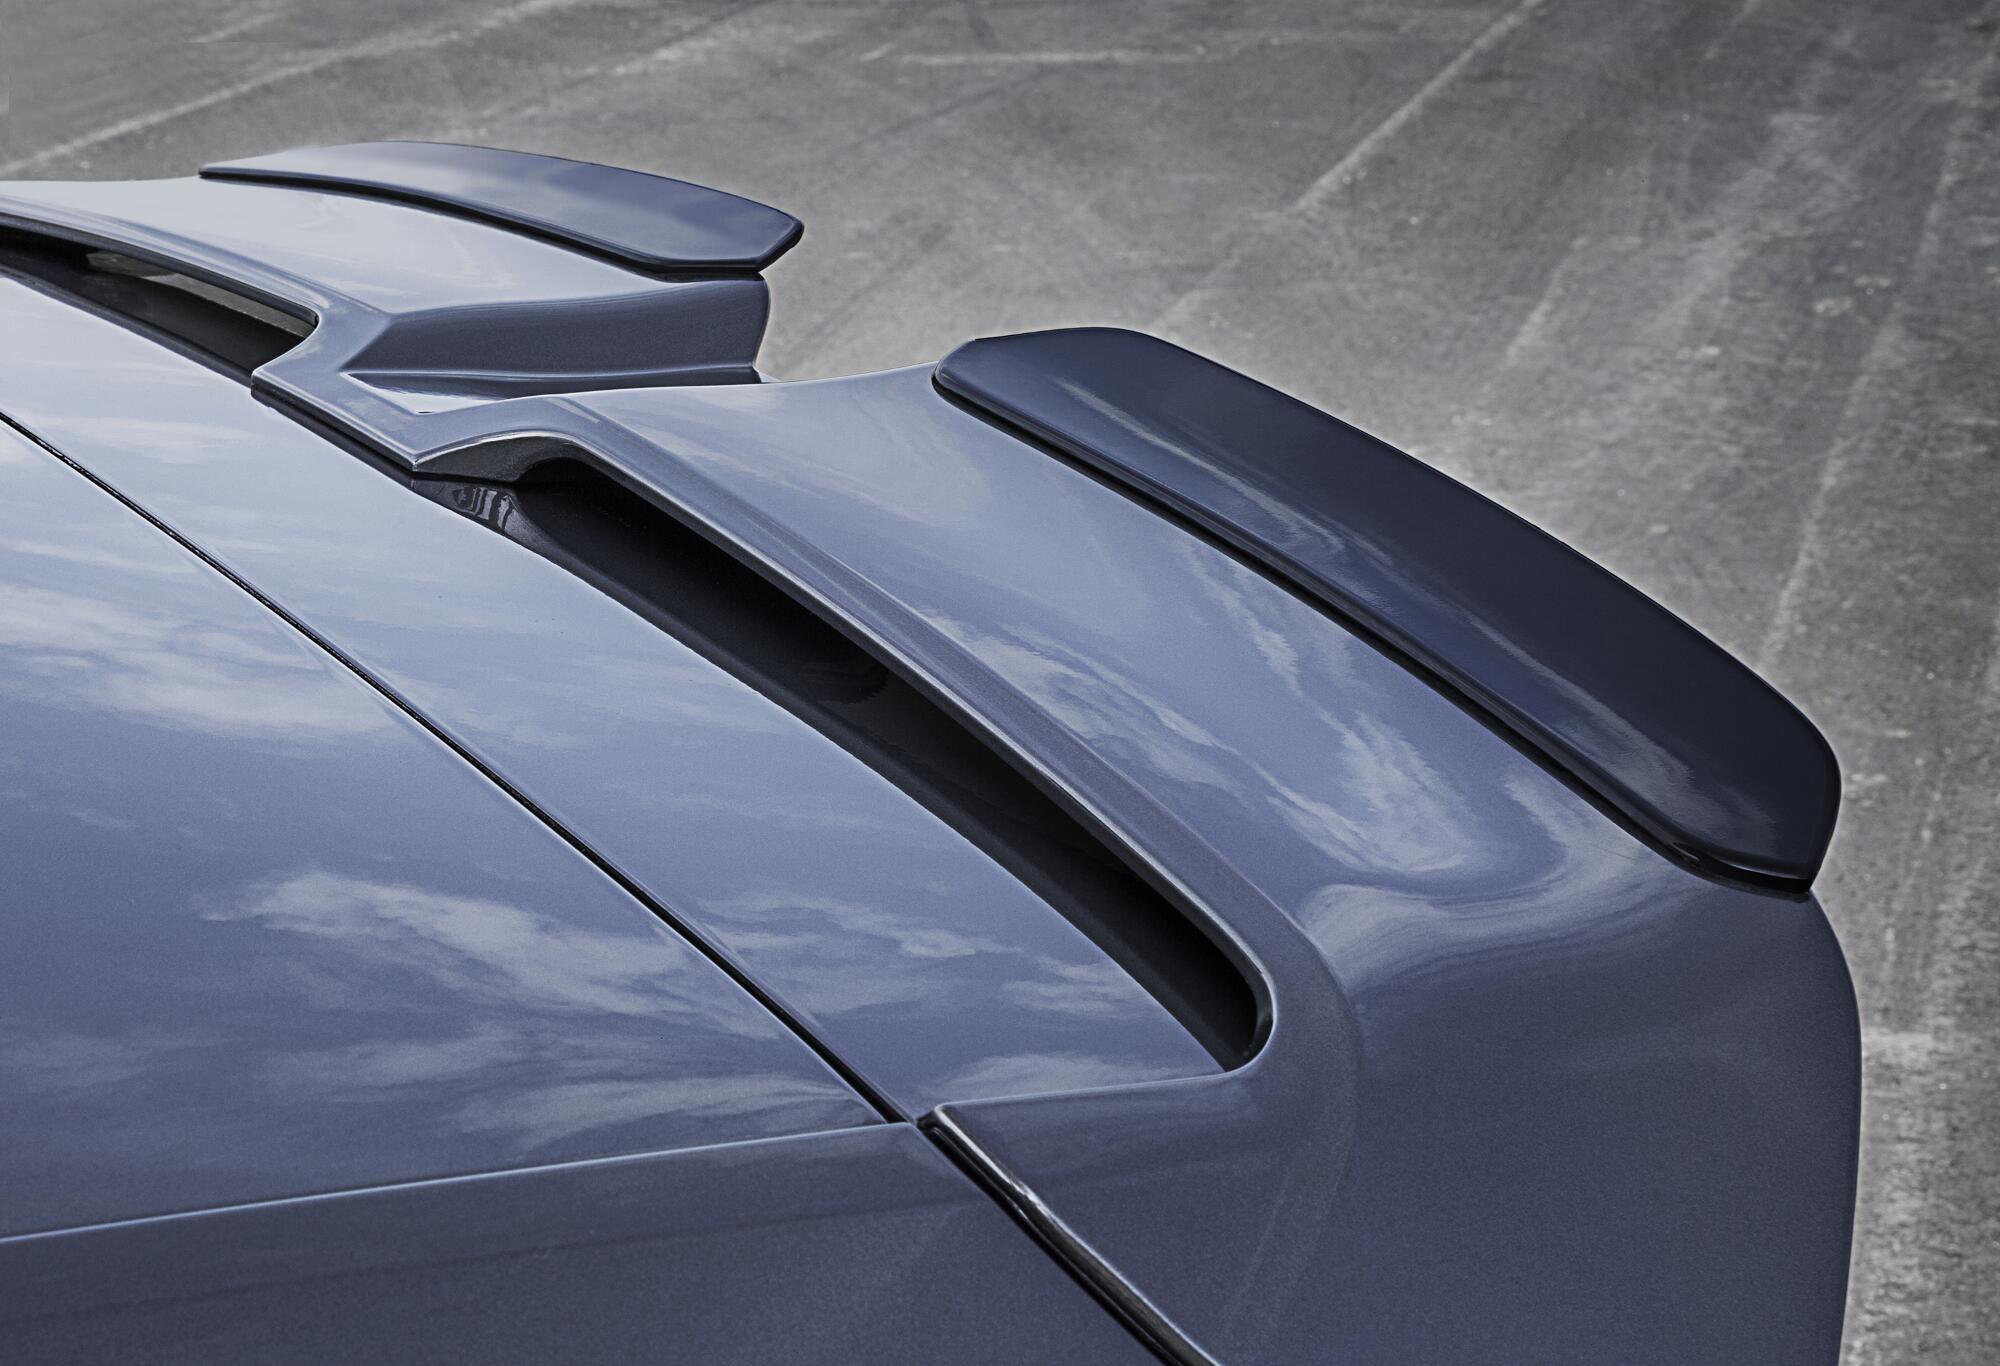 Dachkantenspoiler mit R-Wings am VW Golf 7 R von Oettinger